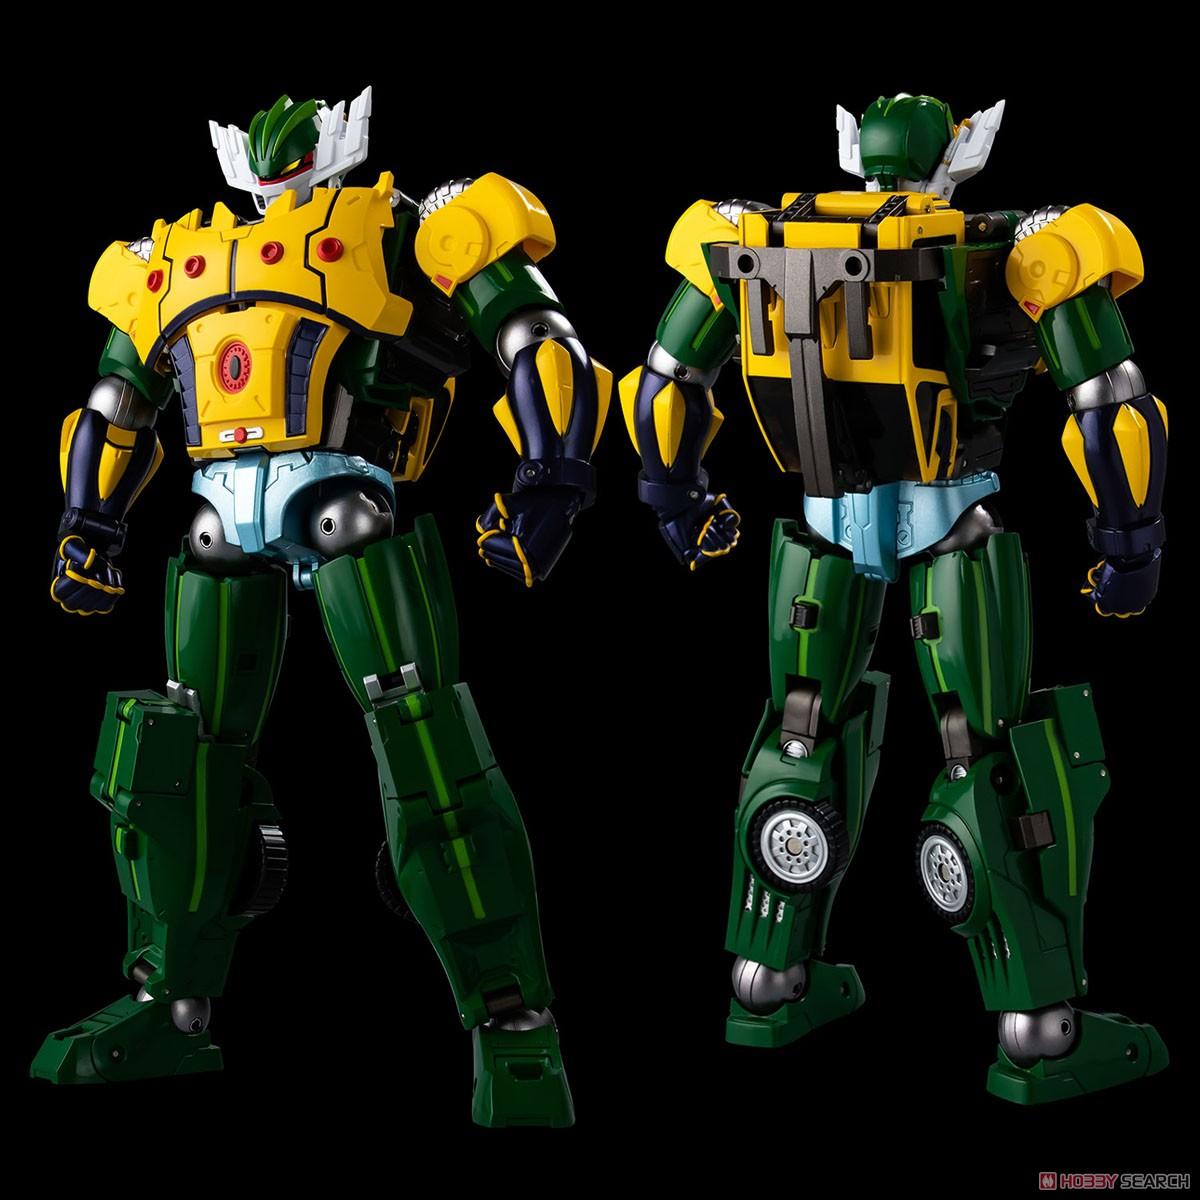 METAMOR-FORCE『ジーグフリート』鋼鉄ジーグ a.k.a. JEEGFRIED 可変可動フィギュア-003